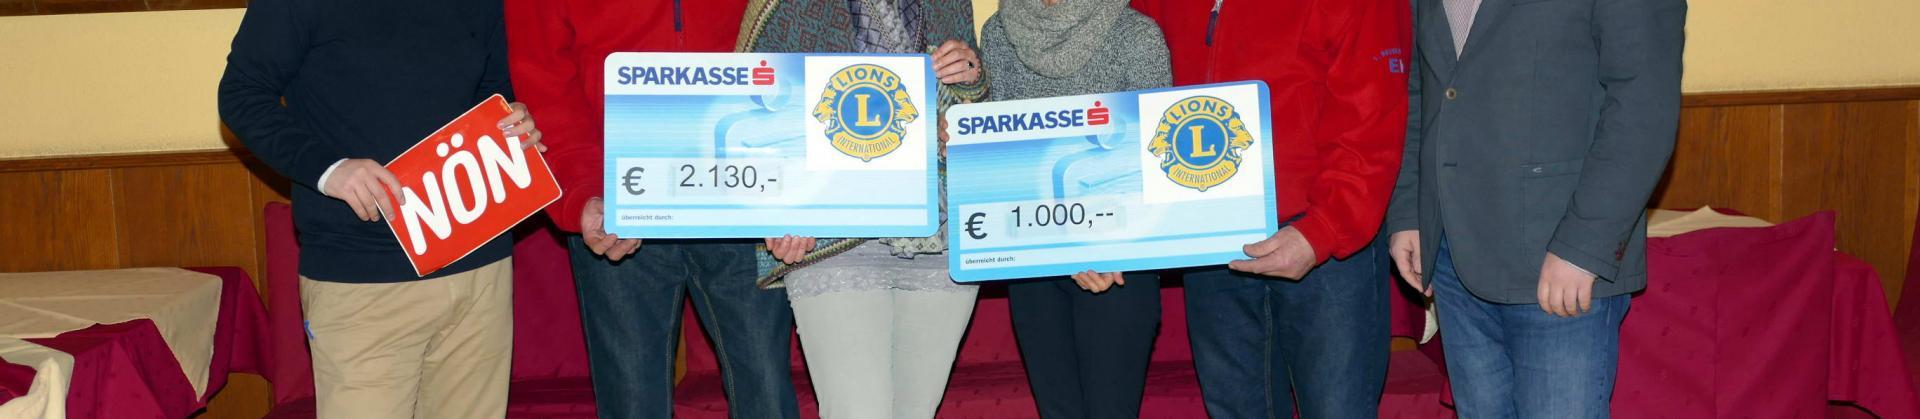 Spendenübergabe LIONS Club Mariandlschießen